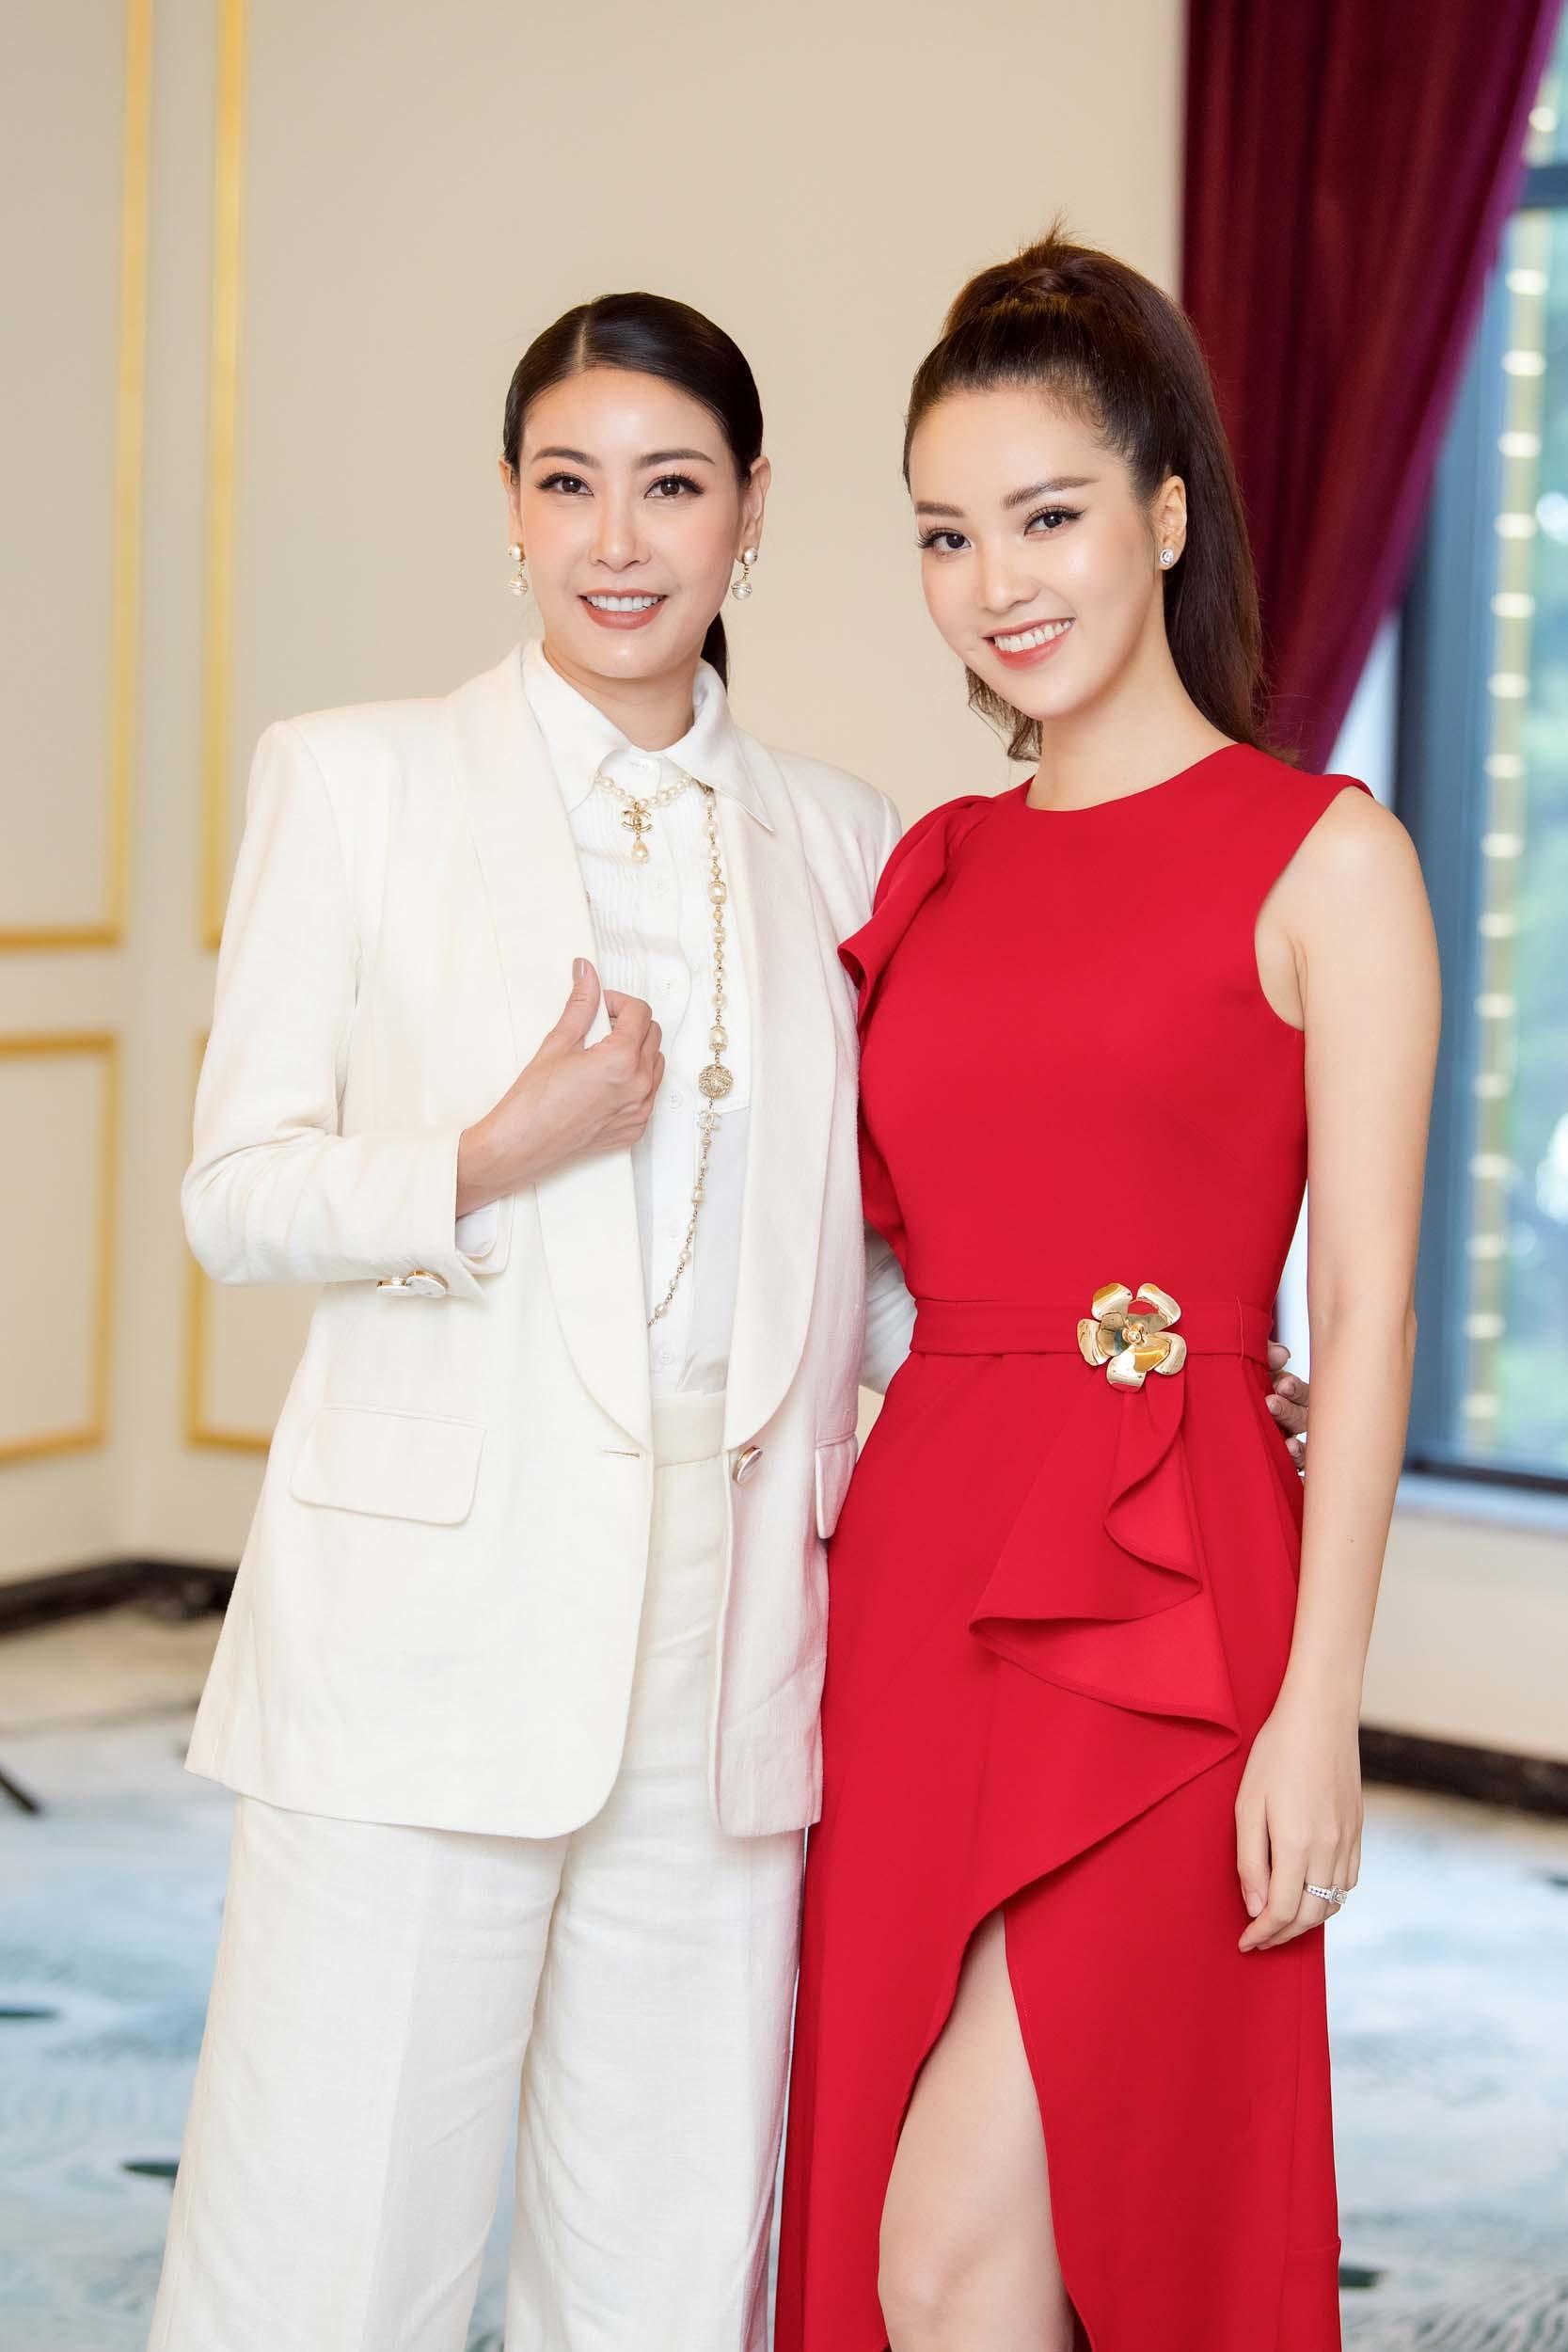 Hà Kiều Anh, Thụy Vân xinh đẹp làm giám khảo HHVN 2020